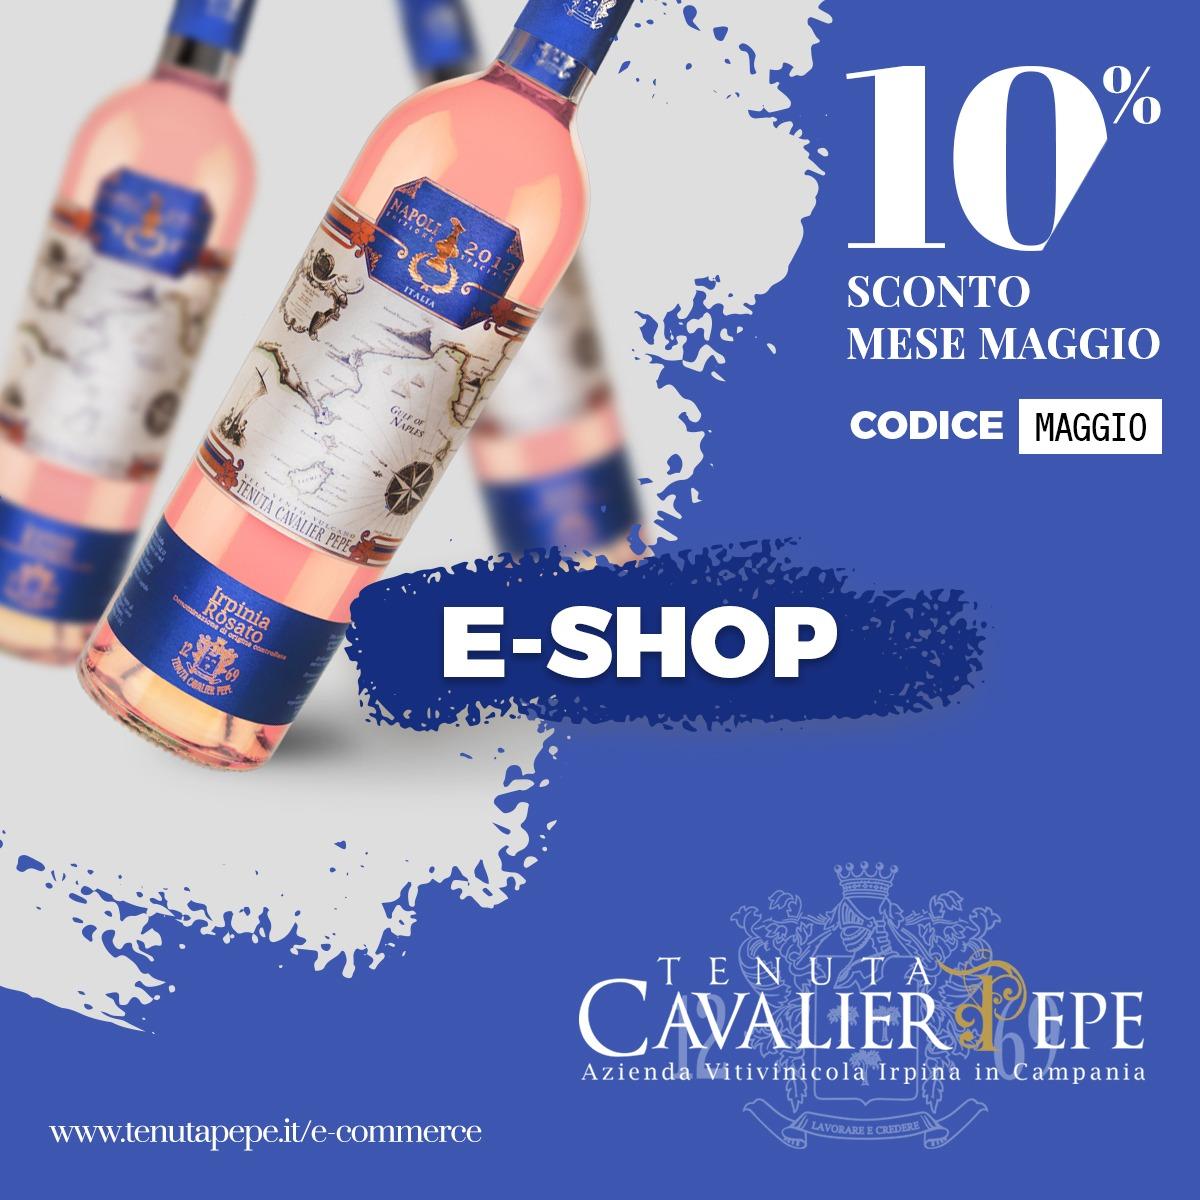 È online lo Shop <br> firmato Tenuta Cavalier Pepe